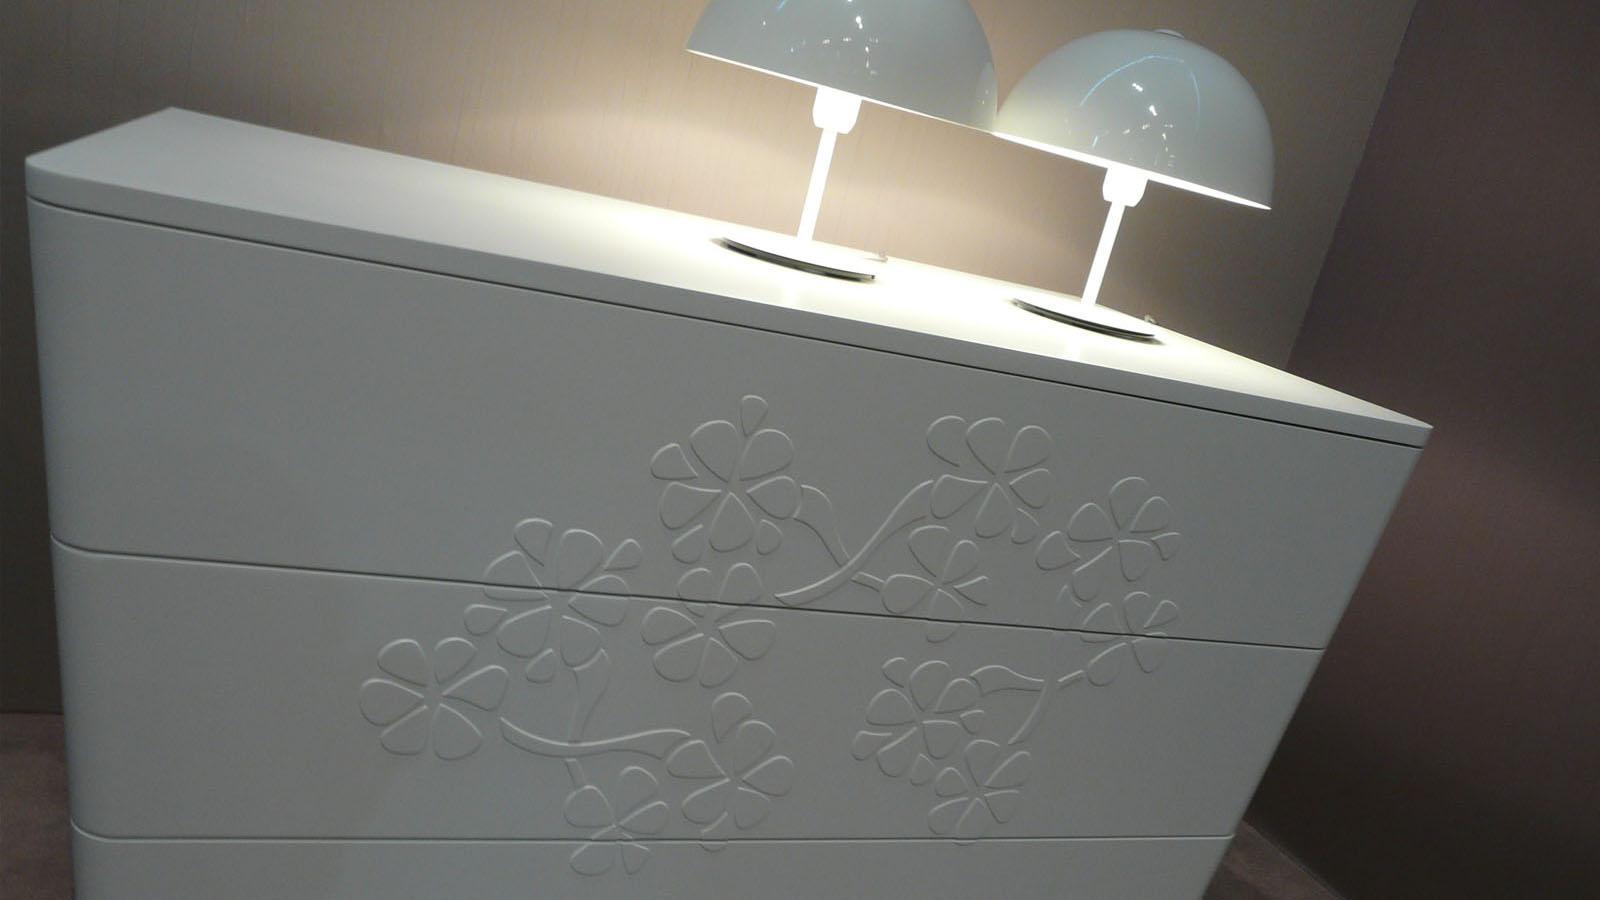 boreale-bed-collection-ciacci-cassettiera